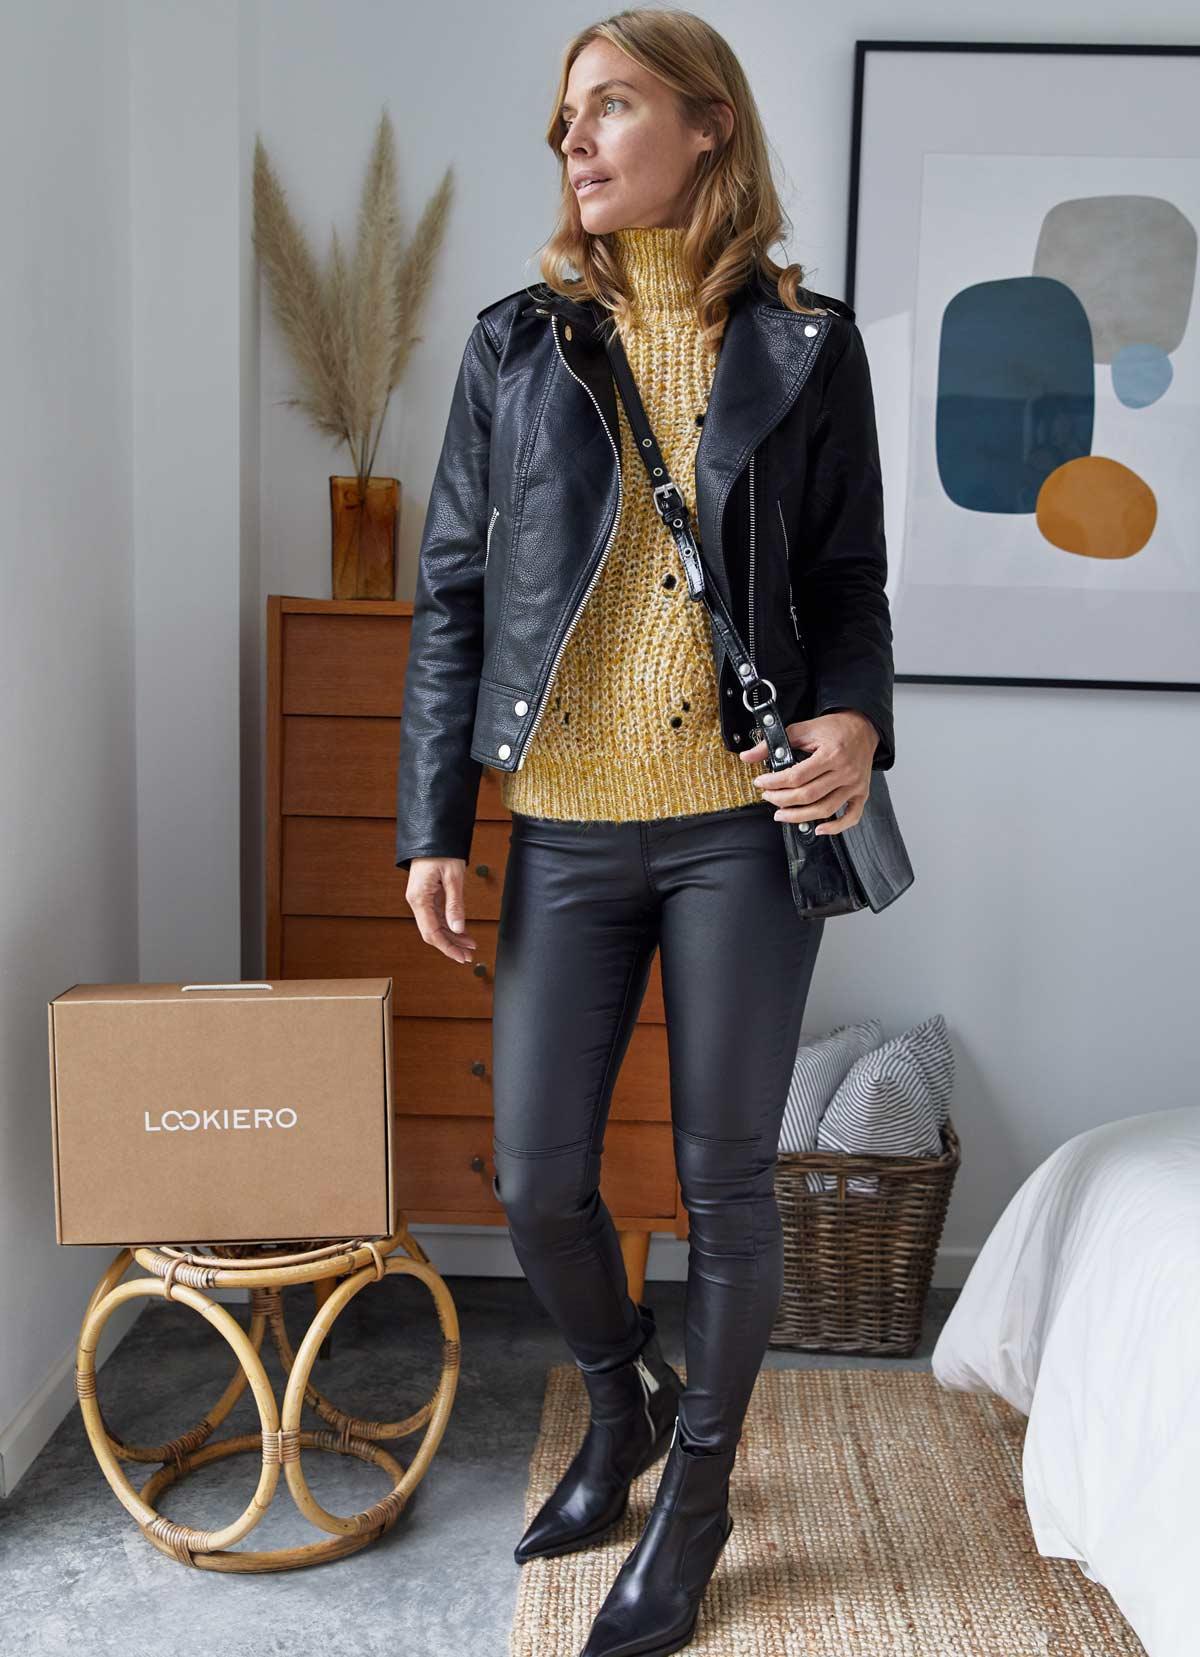 pantalon moulant et un perfecto decembre outfit